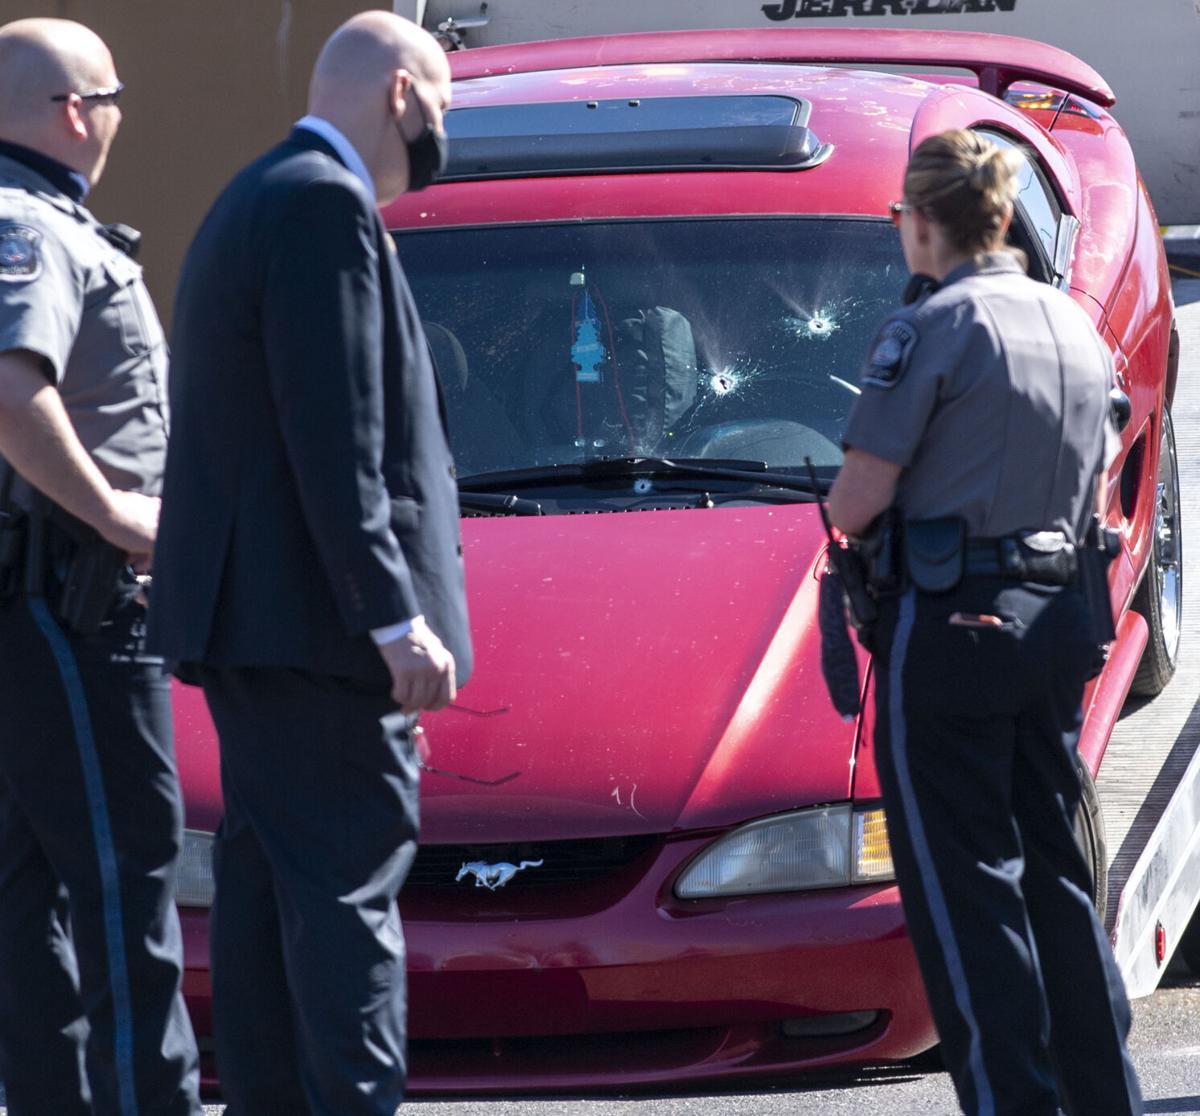 Police Involved Shooting